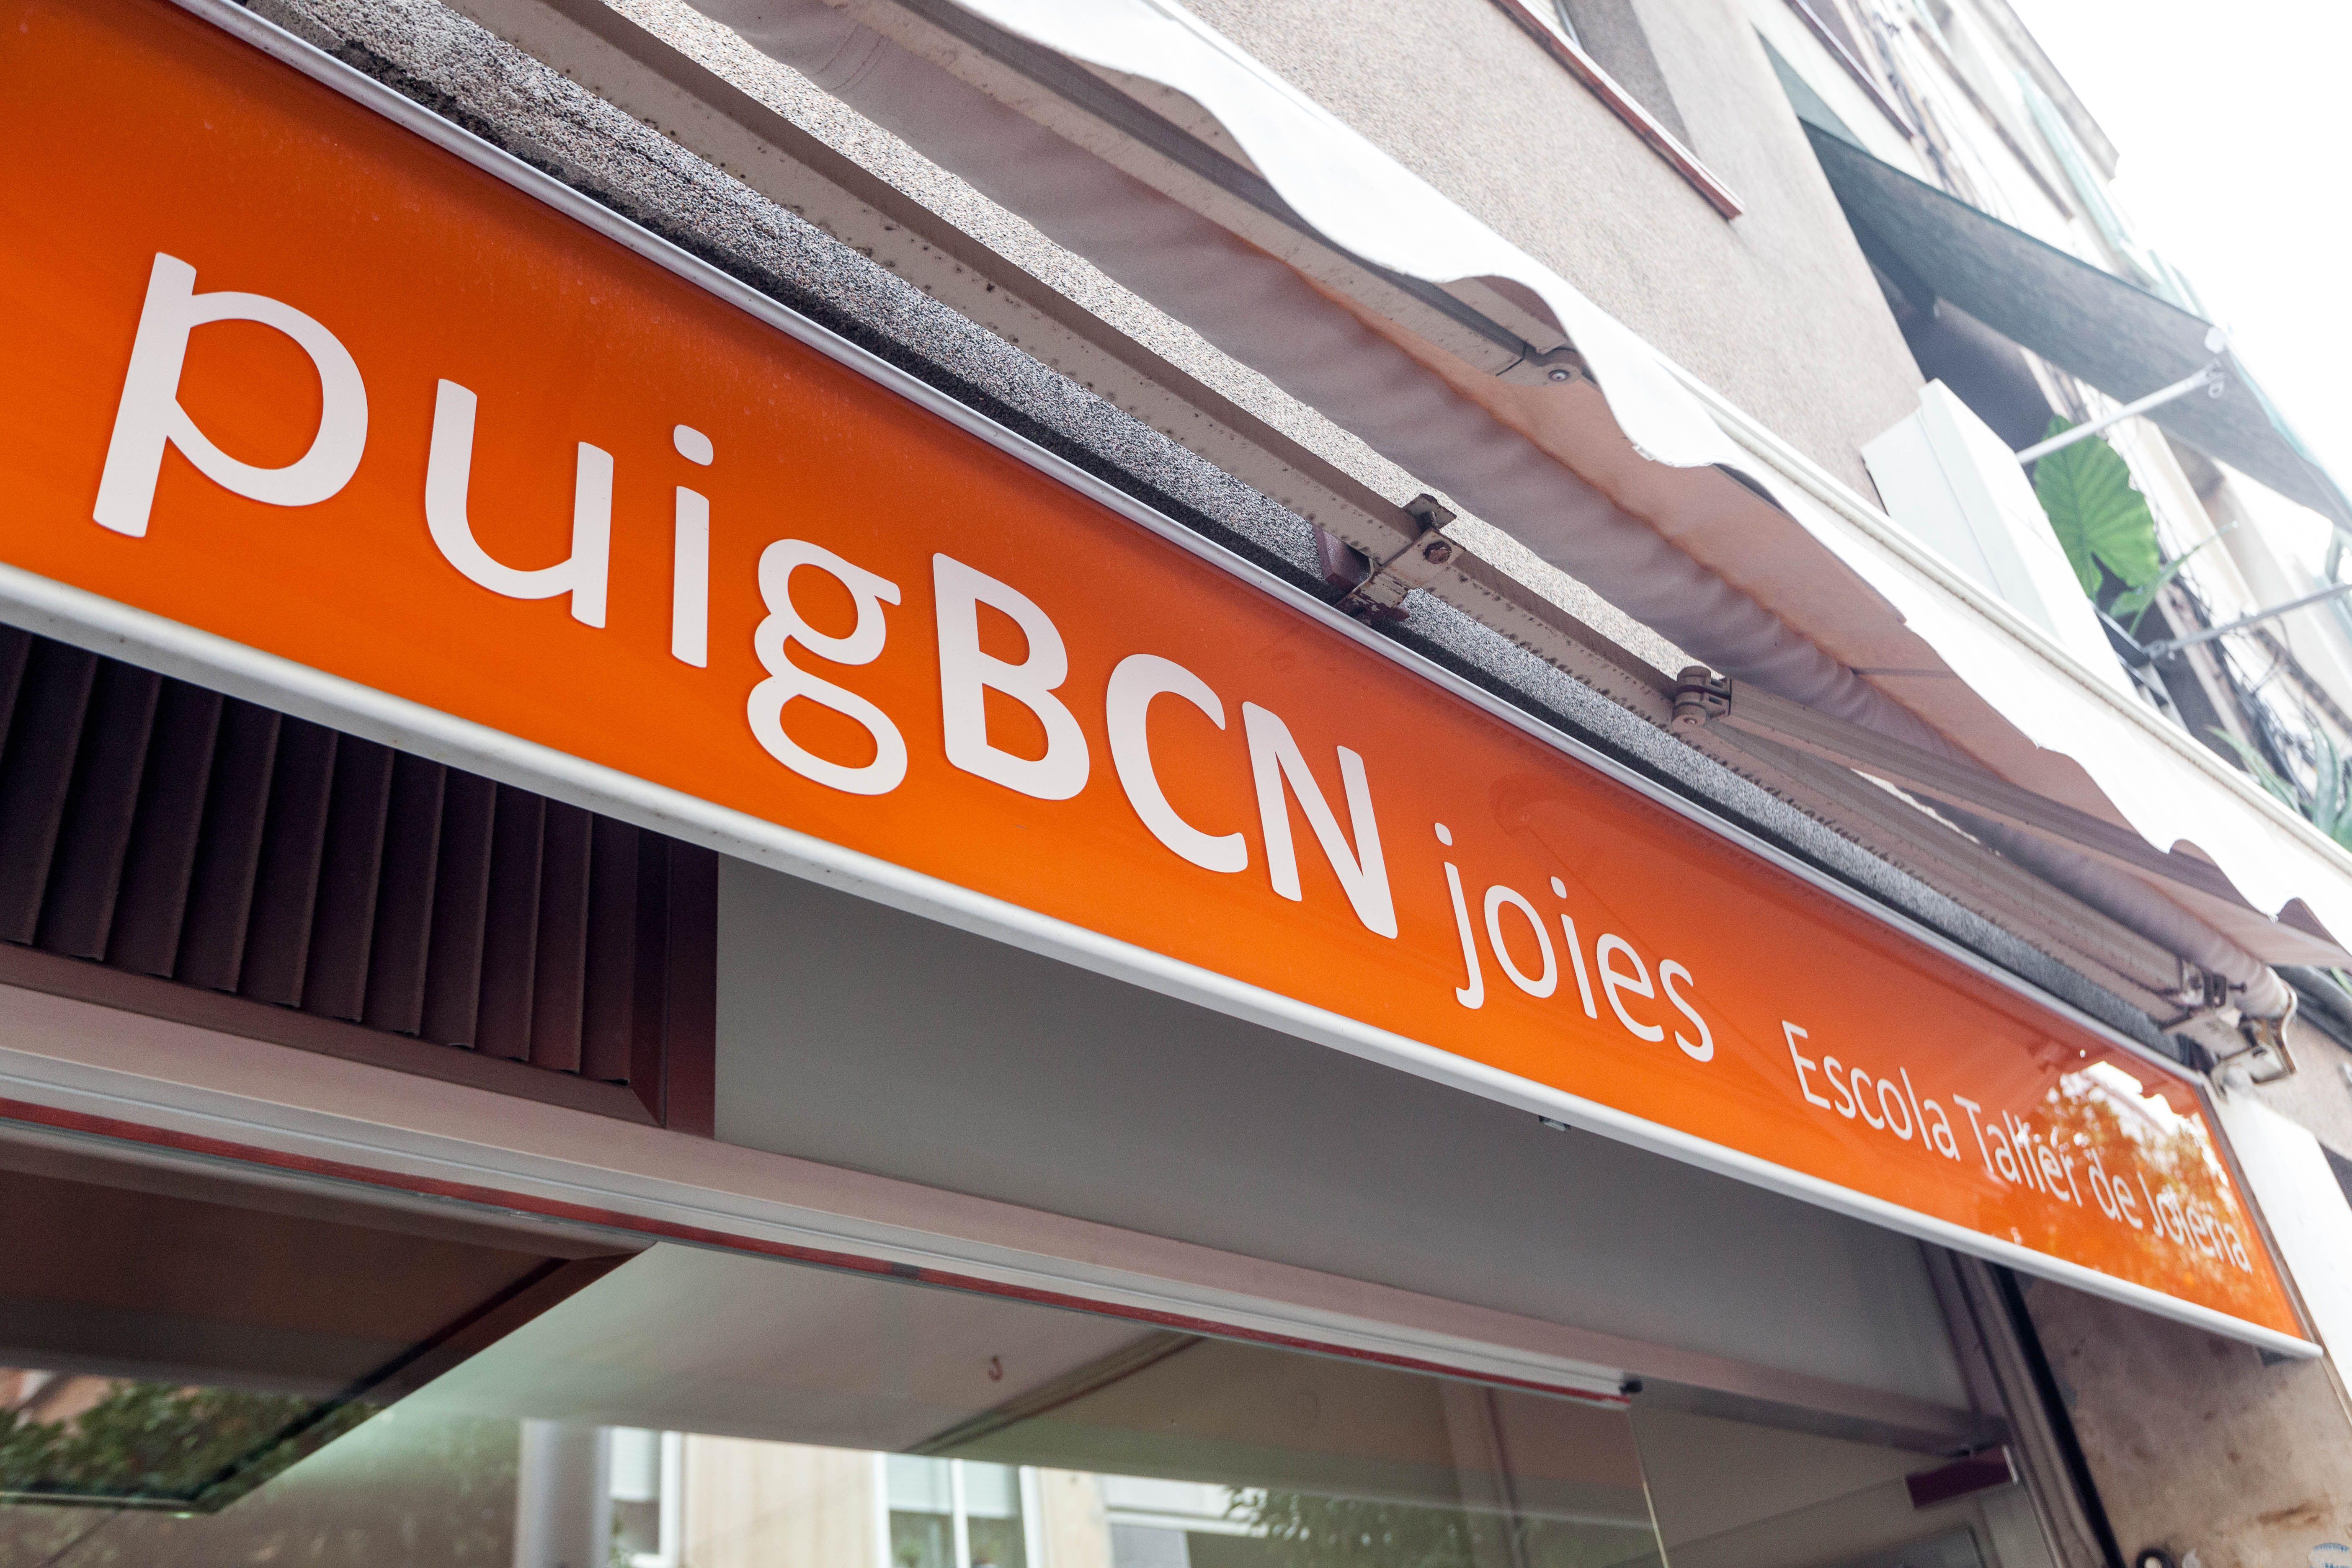 Foto 5 de Escuelas de joyería y engastado en Barcelona | puigBCNjoies Escola Taller de Joieria